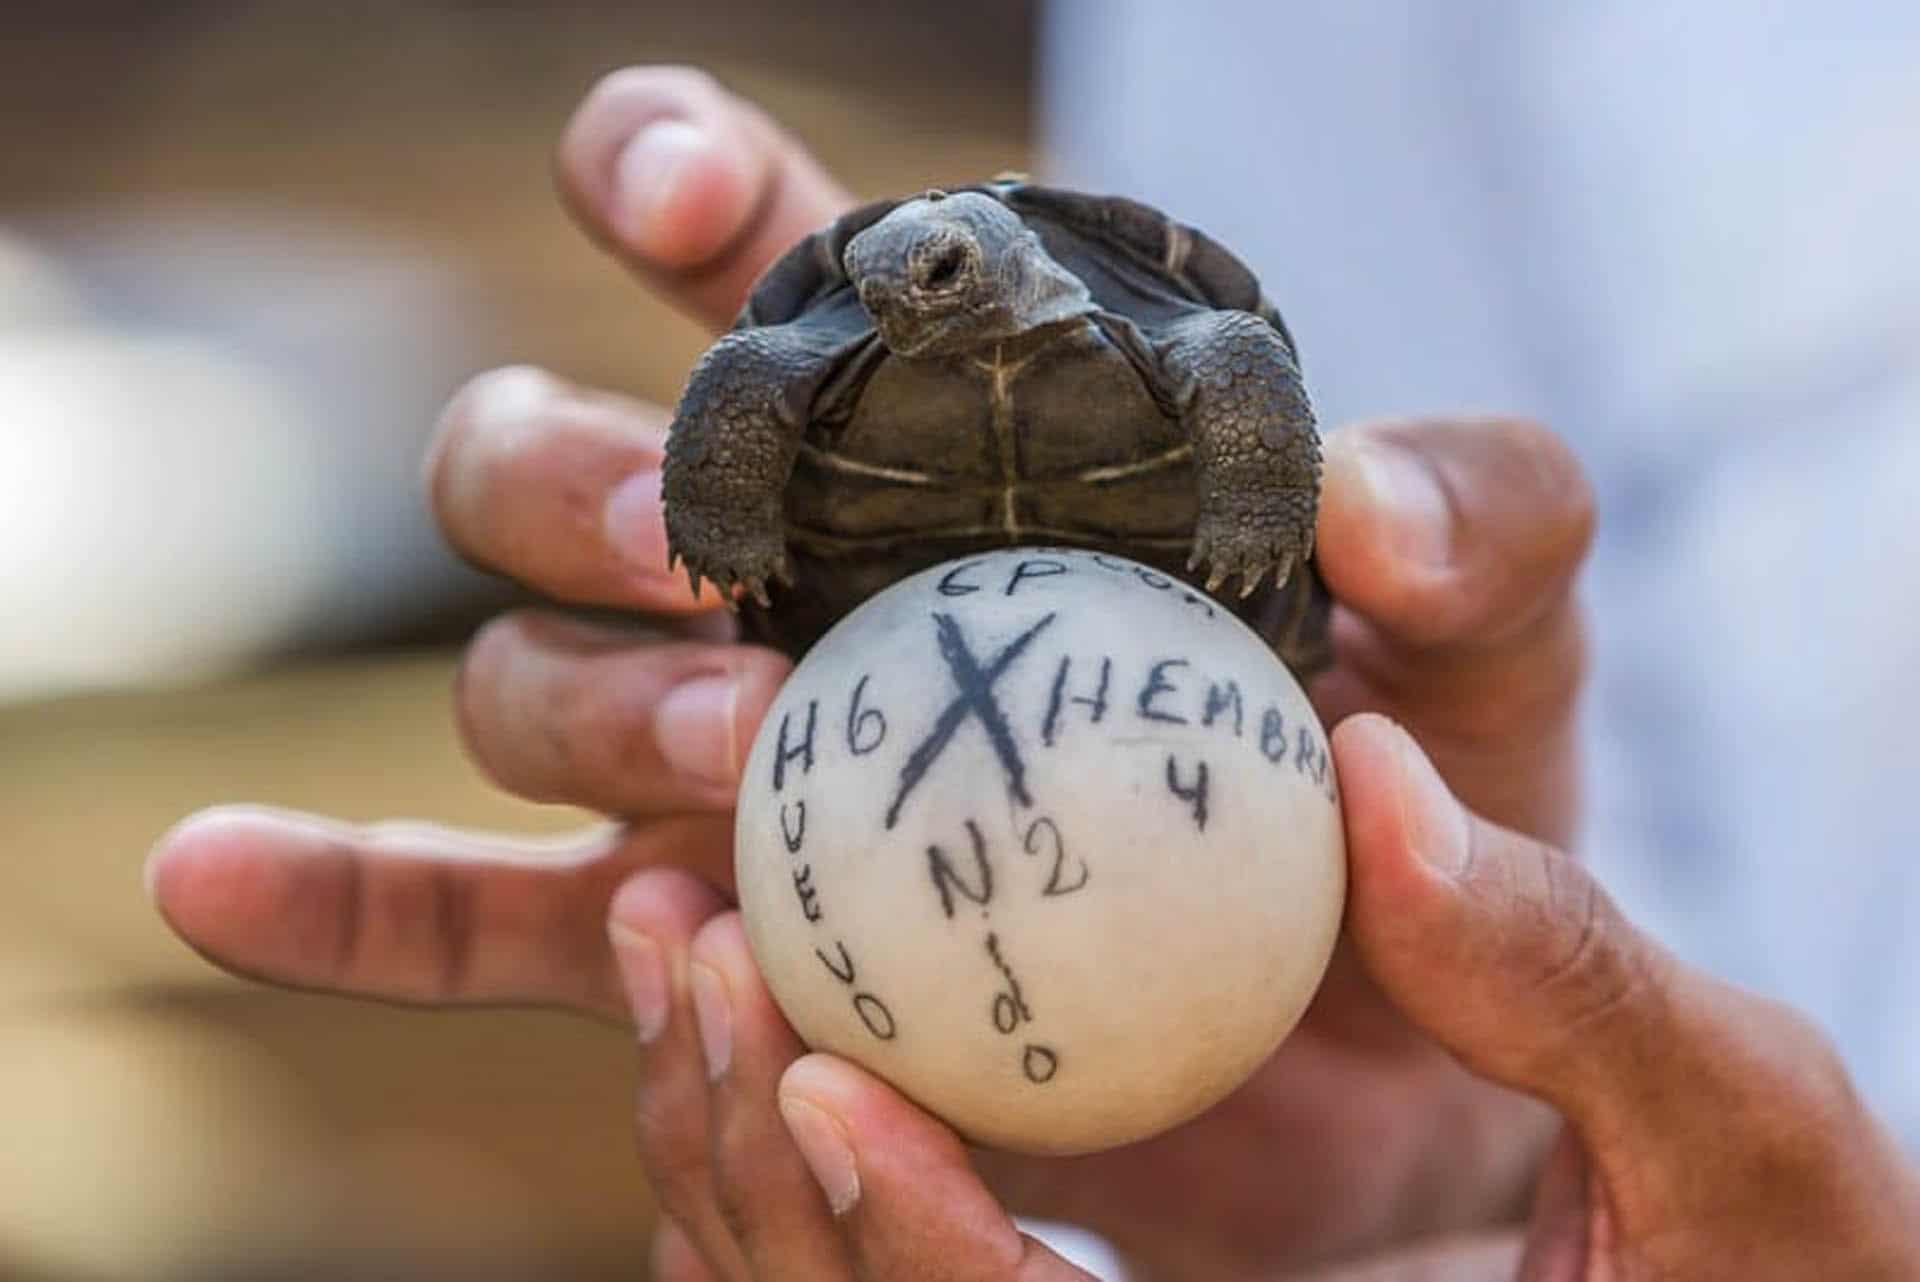 giant tortoise santa cruz